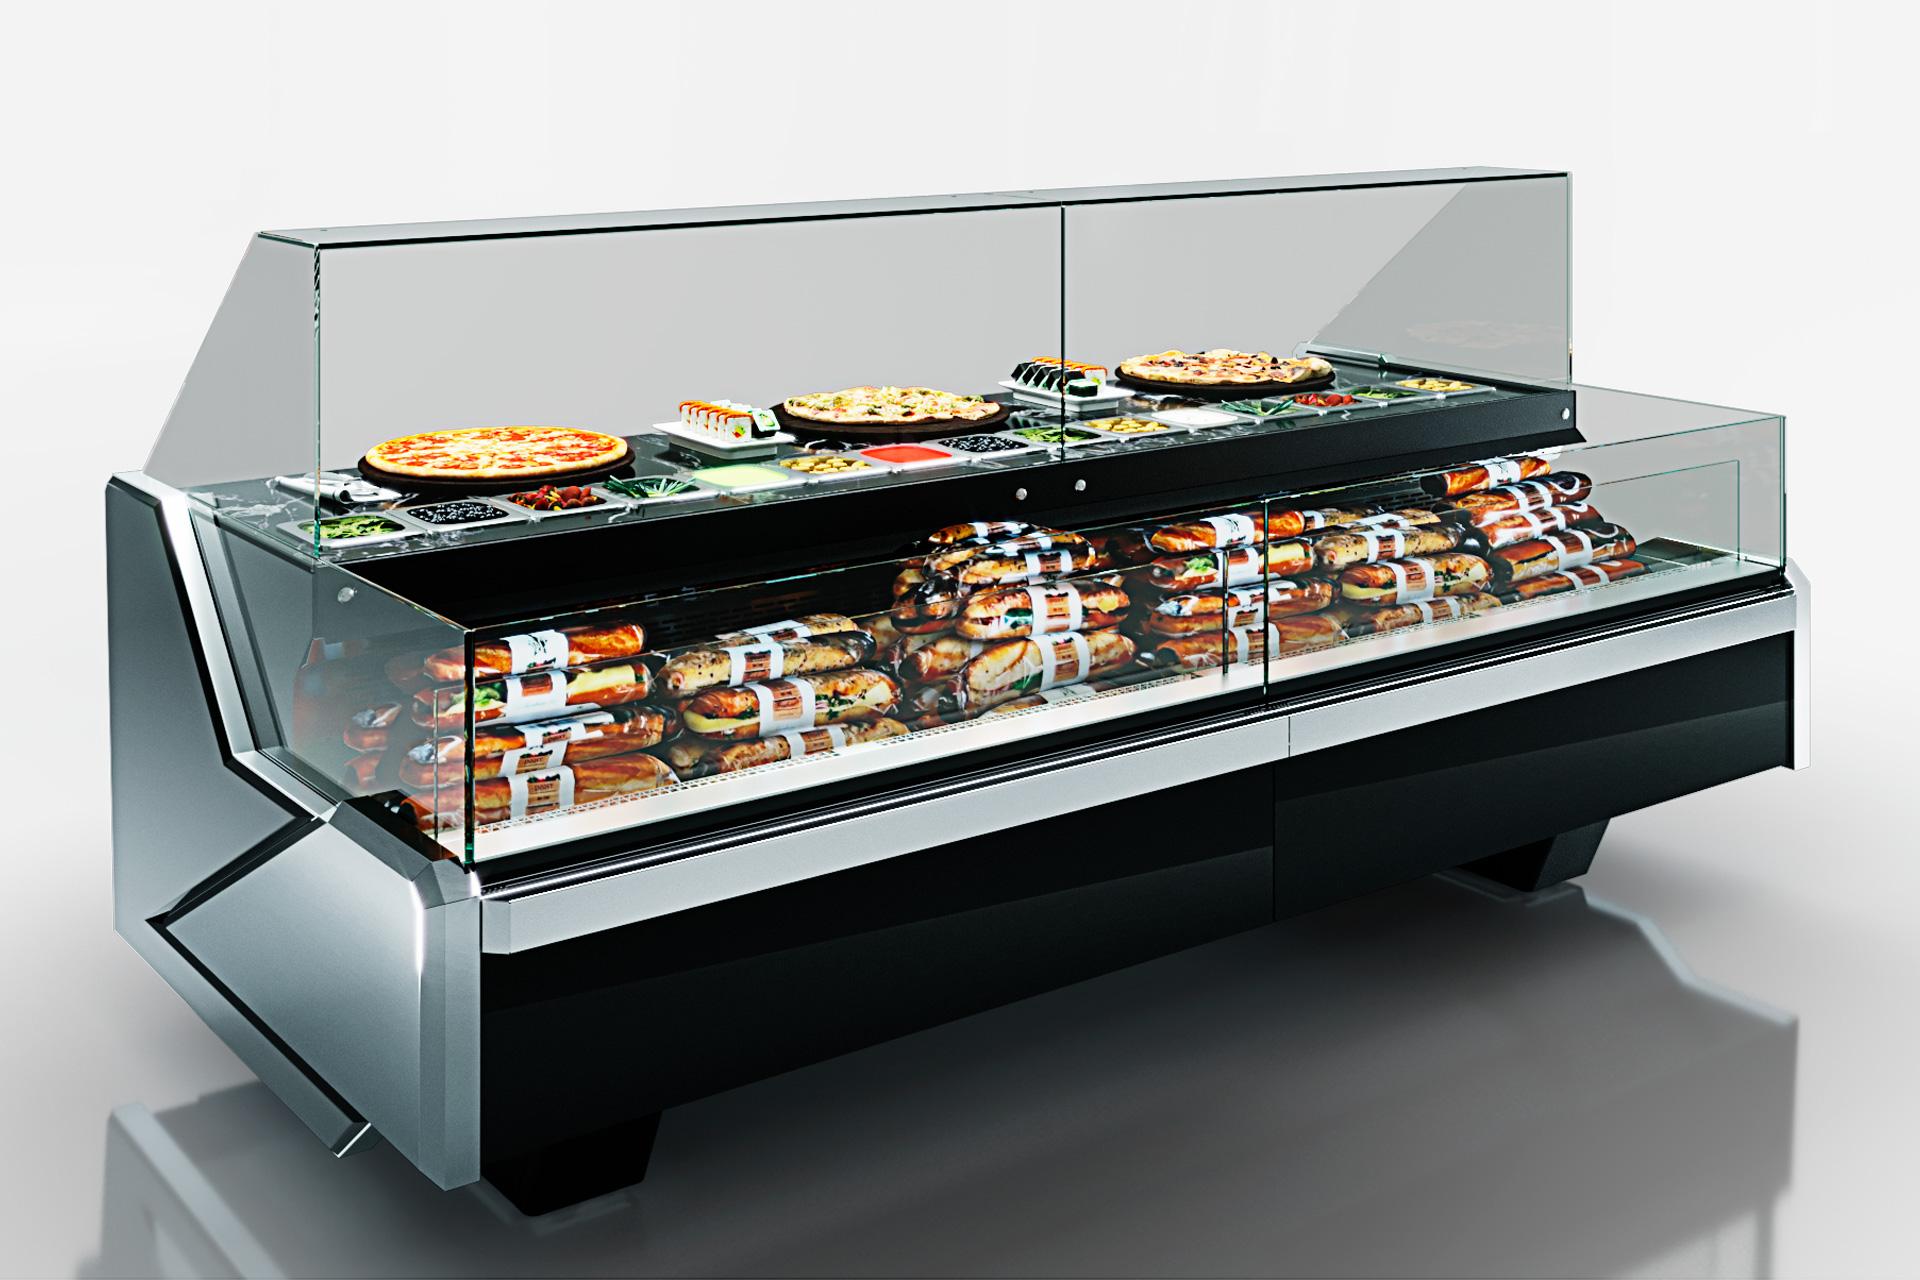 Missouri enigma MC 125 sushi/pizza combi L self 120-DBM